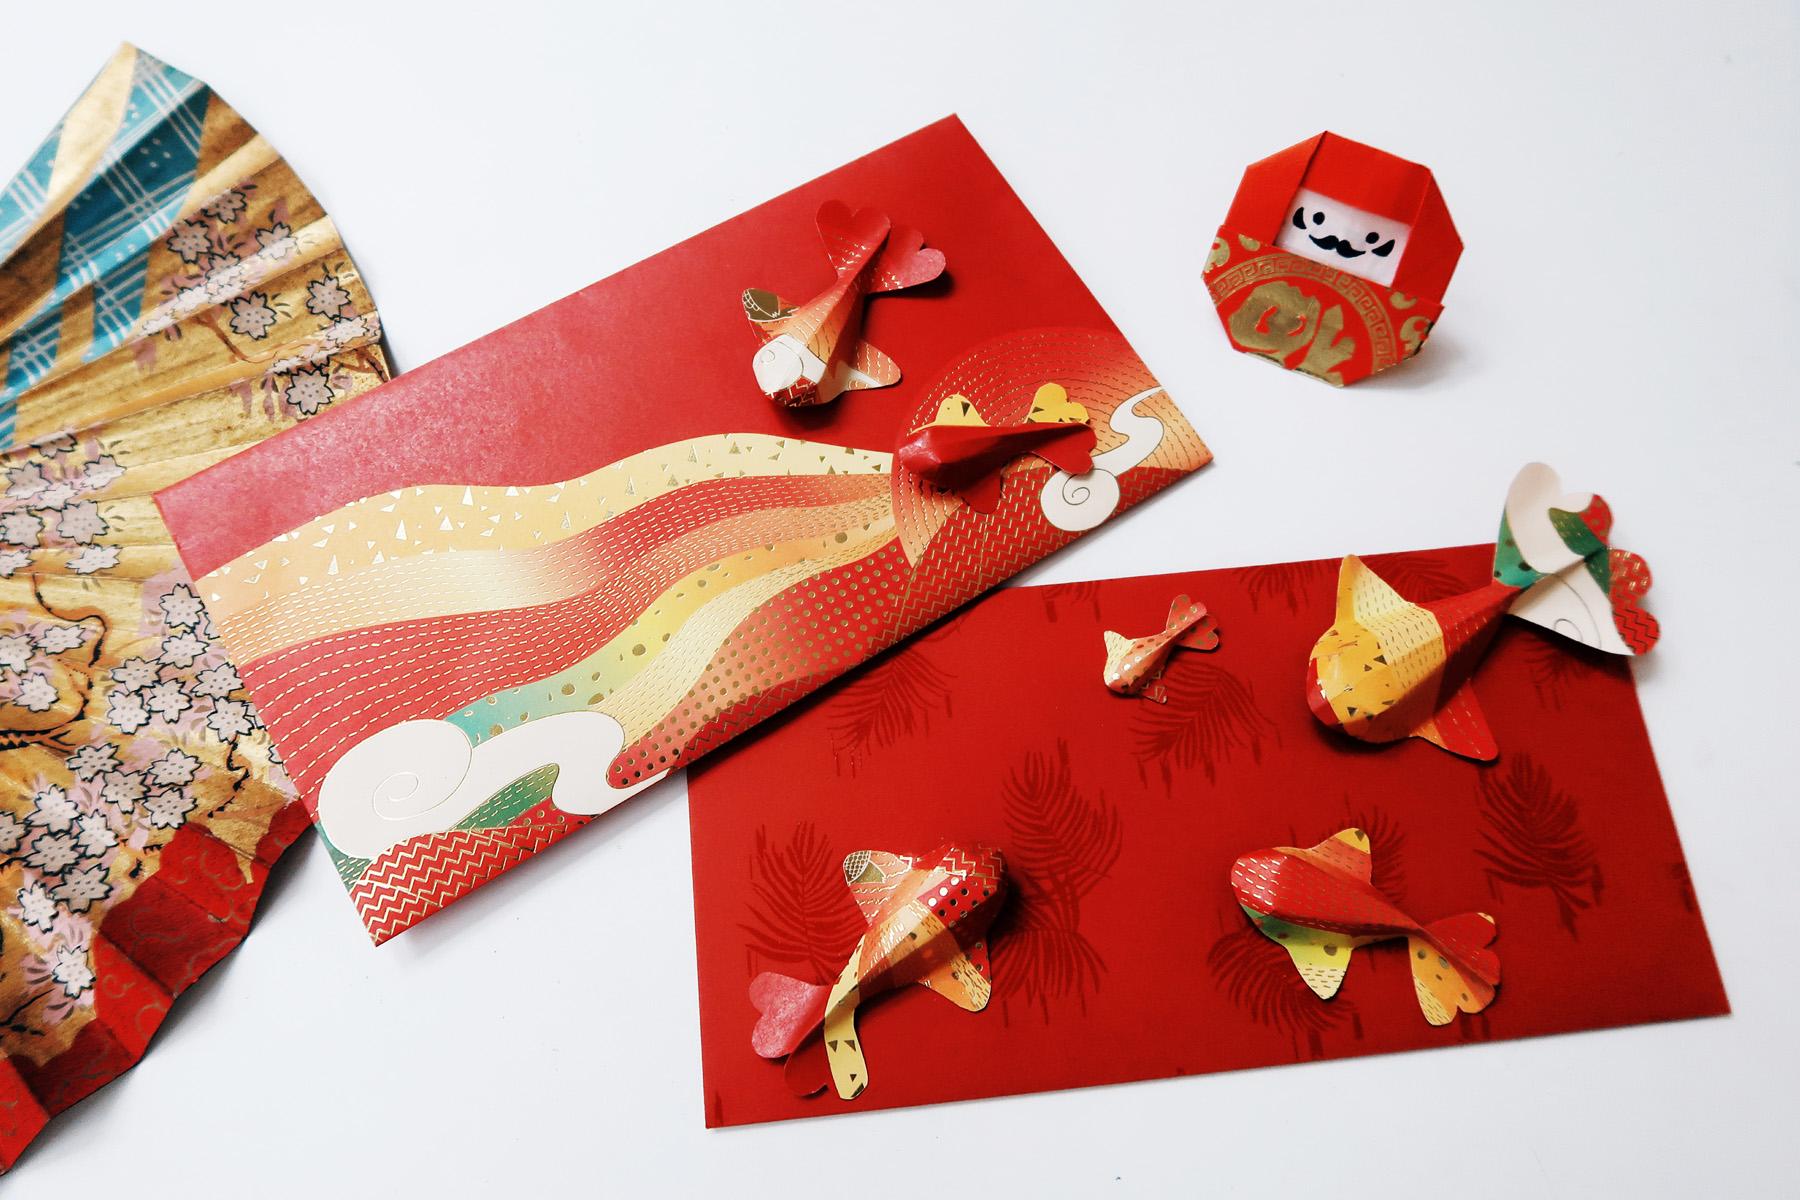 / 灰調 / DIY手作小教學:農曆新年・立體錦鯉紅包袋 - 年年有餘